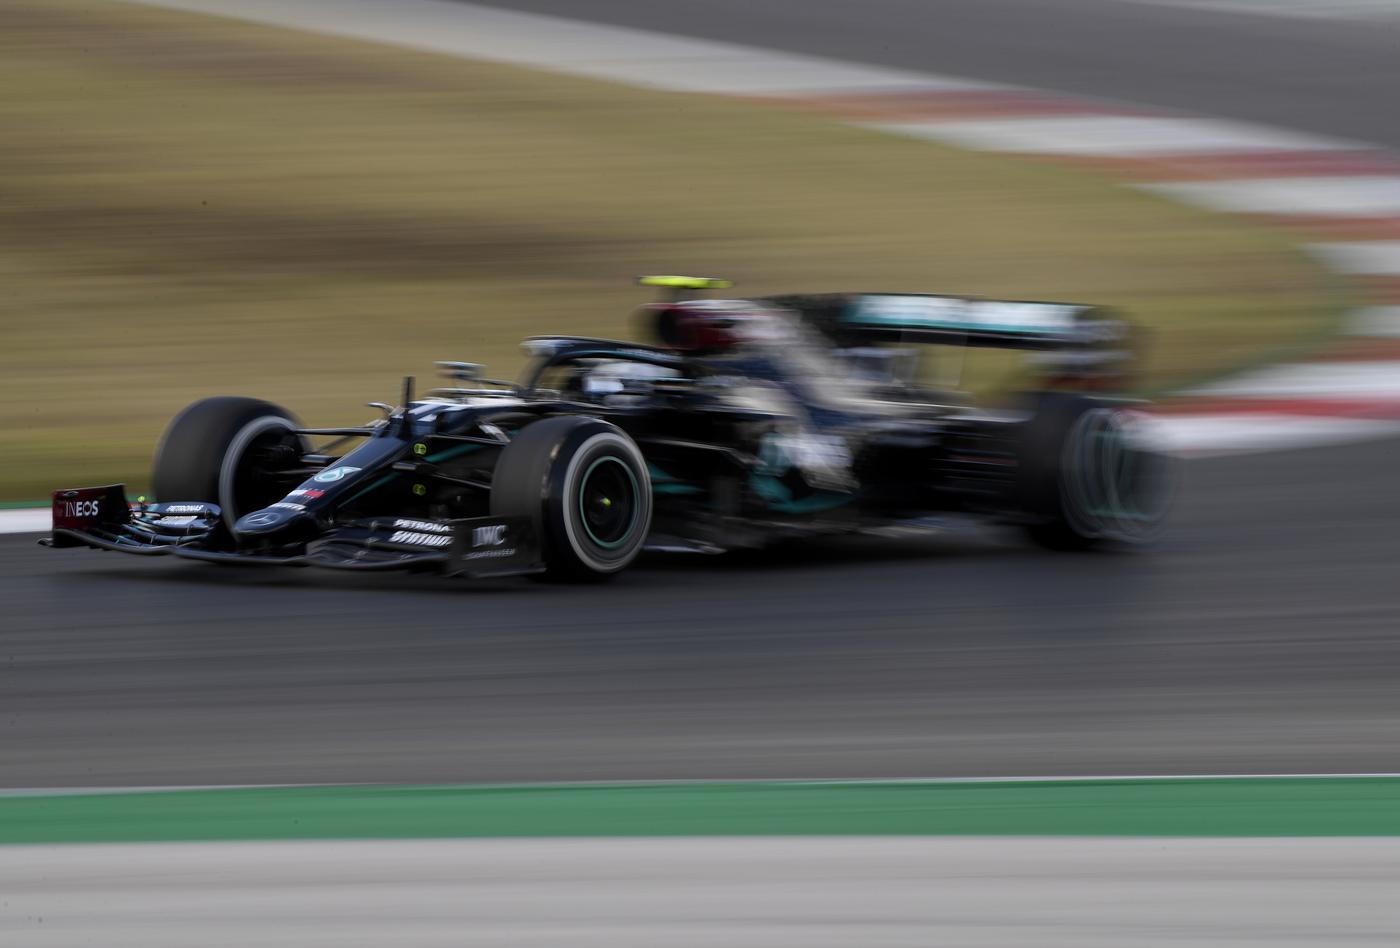 F1, FP3 GP Portogallo 2020: Valtteri Bottas è sempre il più veloce. Charles Leclerc è 6° e Sebastian Vettel 11°